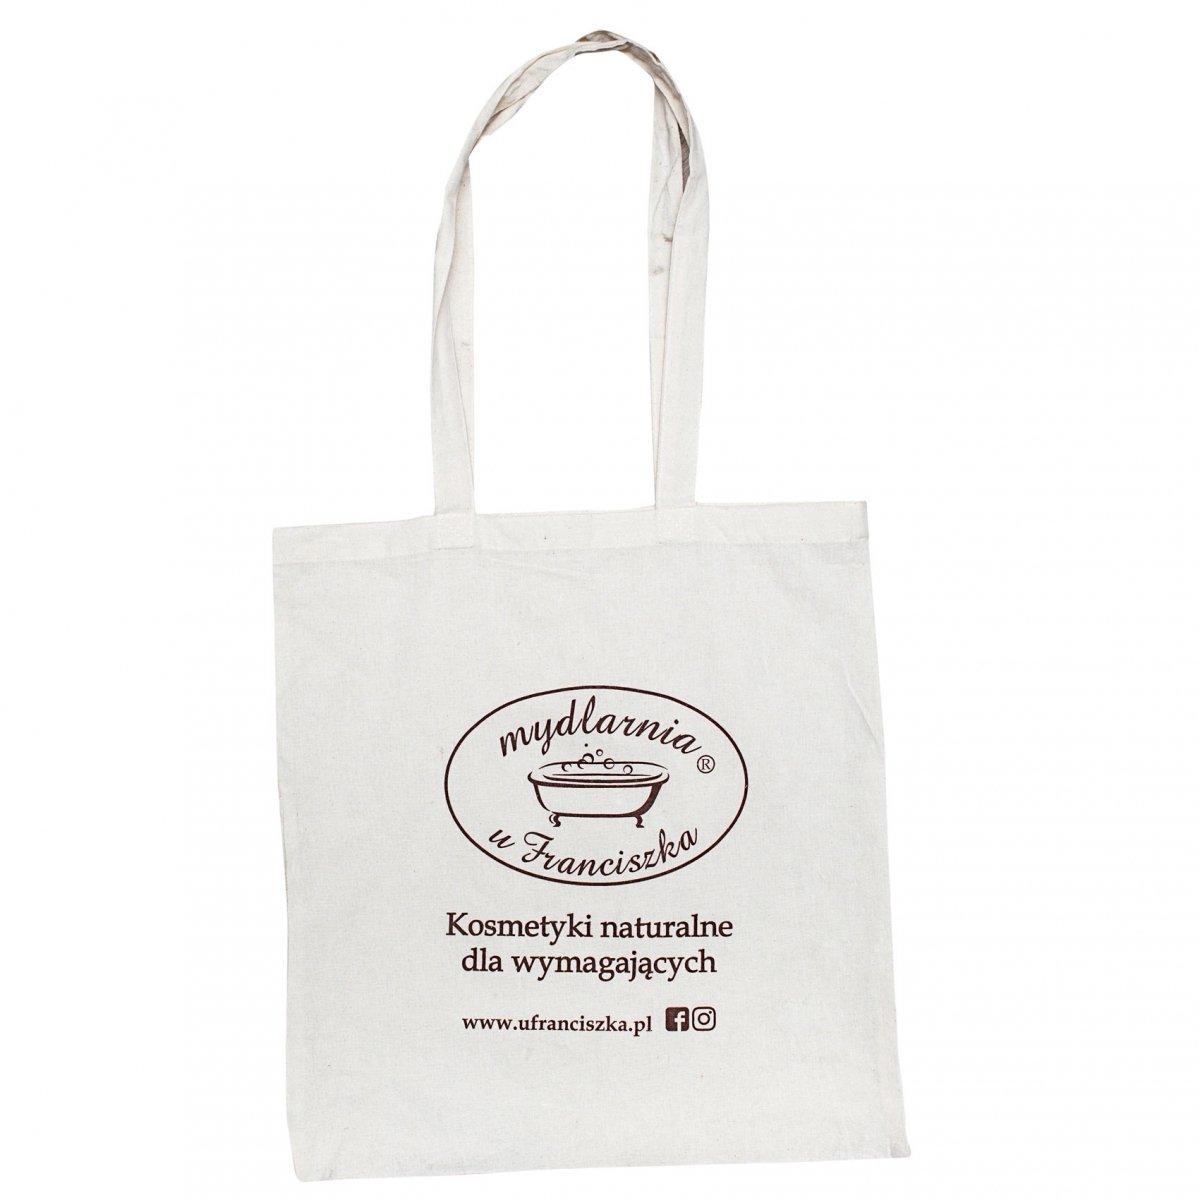 6184bd09f8839 Bawełniana torba na zakupy z logo - Akcesoria - Cera